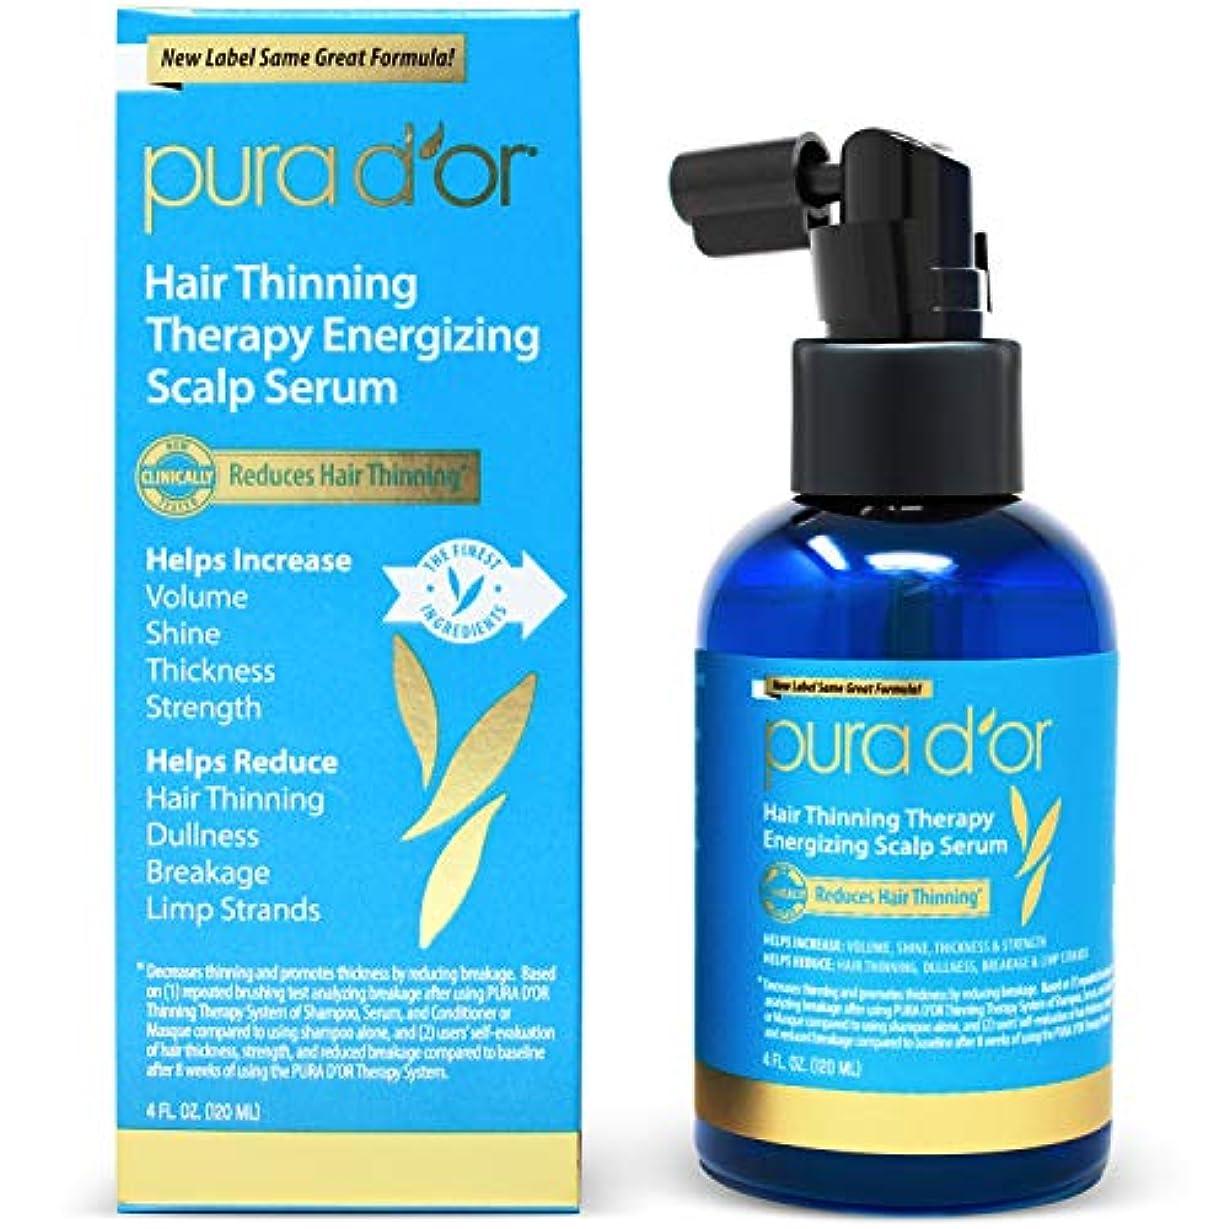 ルネッサンス泥だらけあなたのものPURA D'OR 薄毛対策 セラピー 活性化 頭皮 セラム リバイタライザー (120ml 4オンス) 有効成分 アルガンオイル、ビオチン、カフェイン、幹細胞、カタラーゼとDhtブロッカー、全てのヘアタイプに、男性 &...